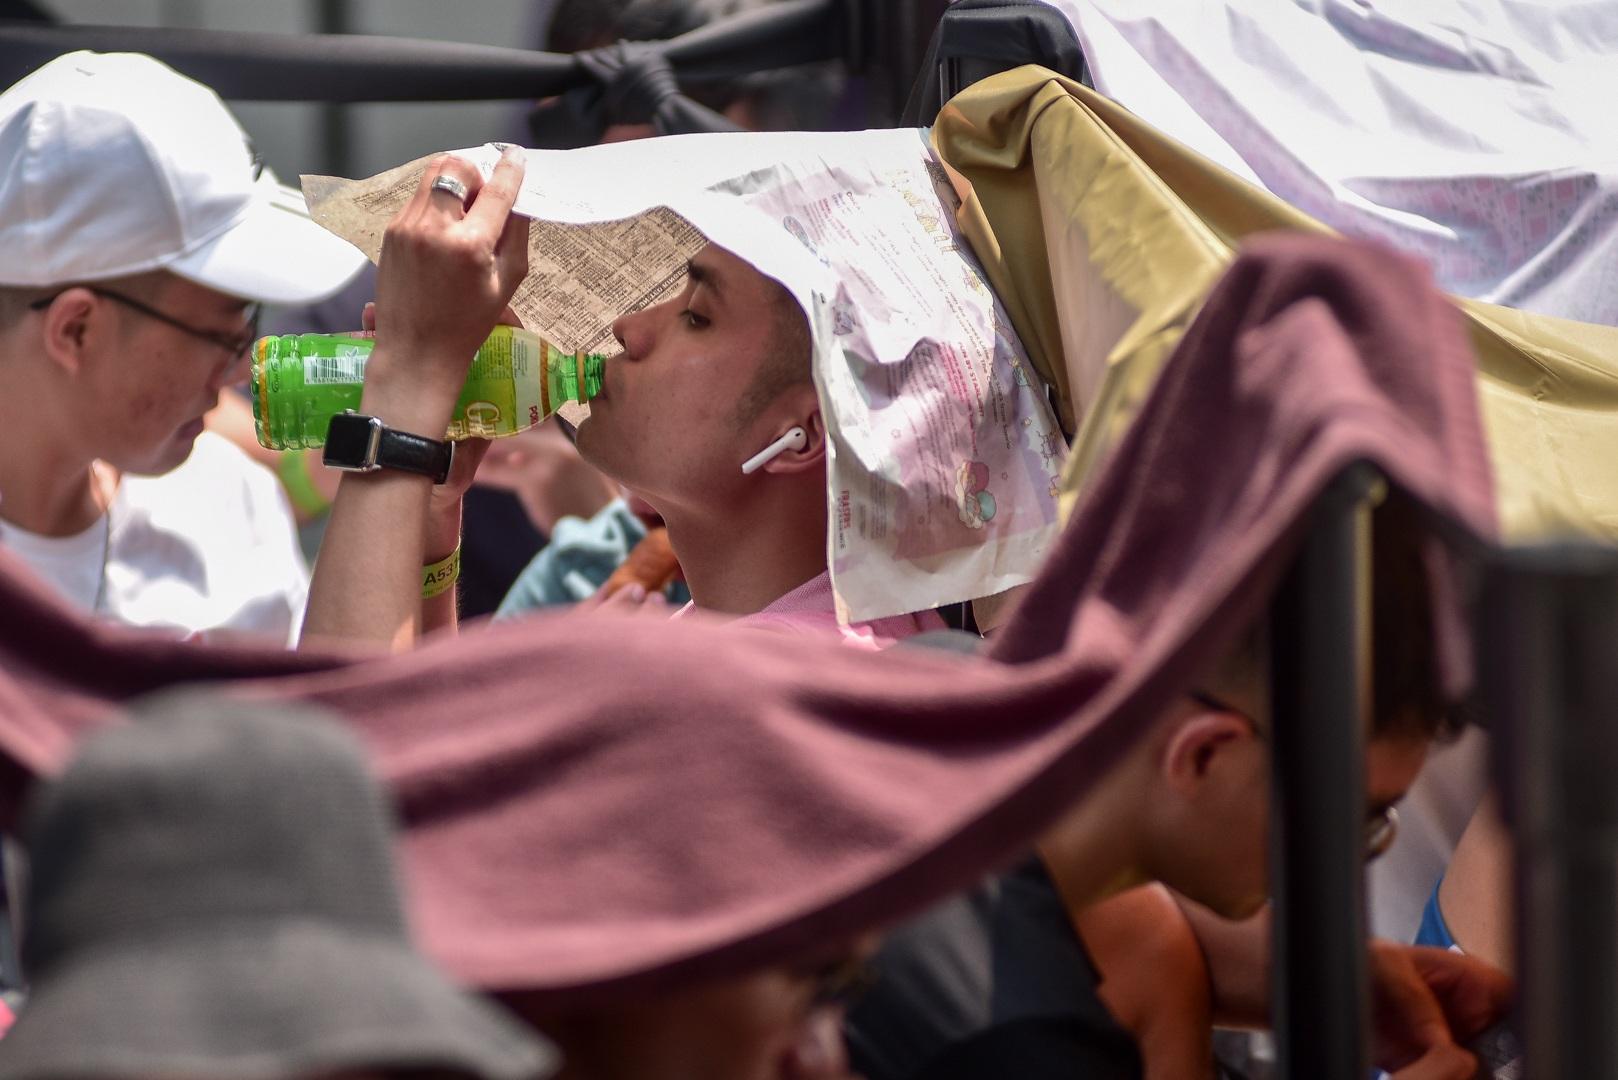 Tường thuật từ Singapore: Cả ngàn người ăn chực nằm chờ iPhone 11 - 12